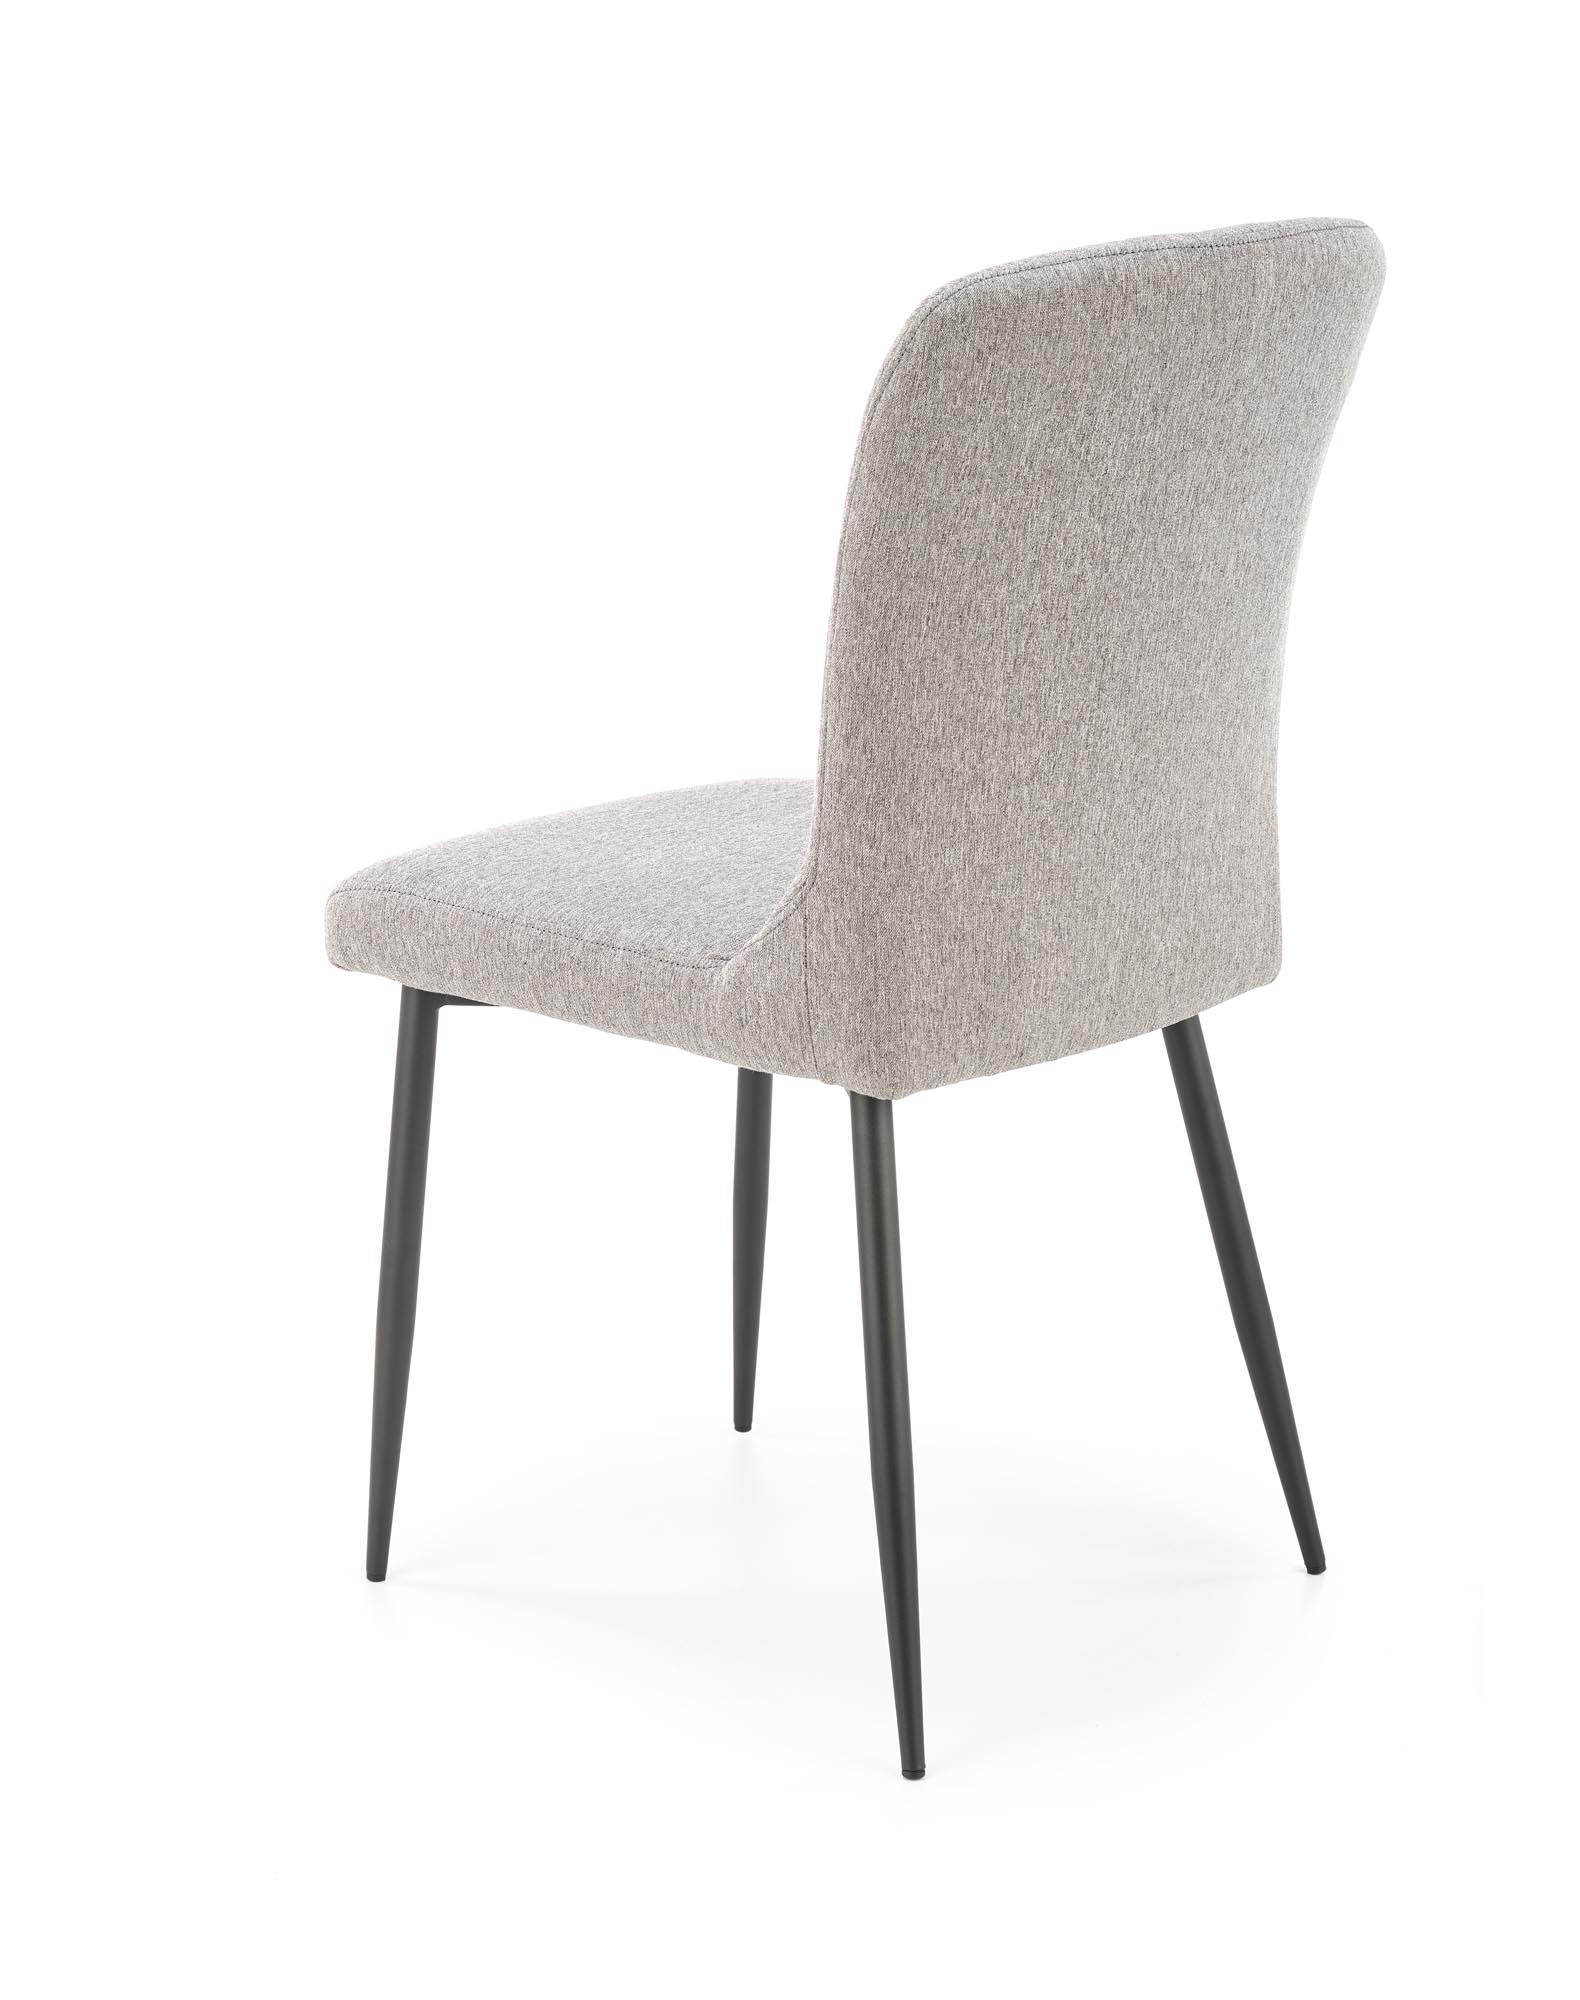 K428 stolička svetlo šedá